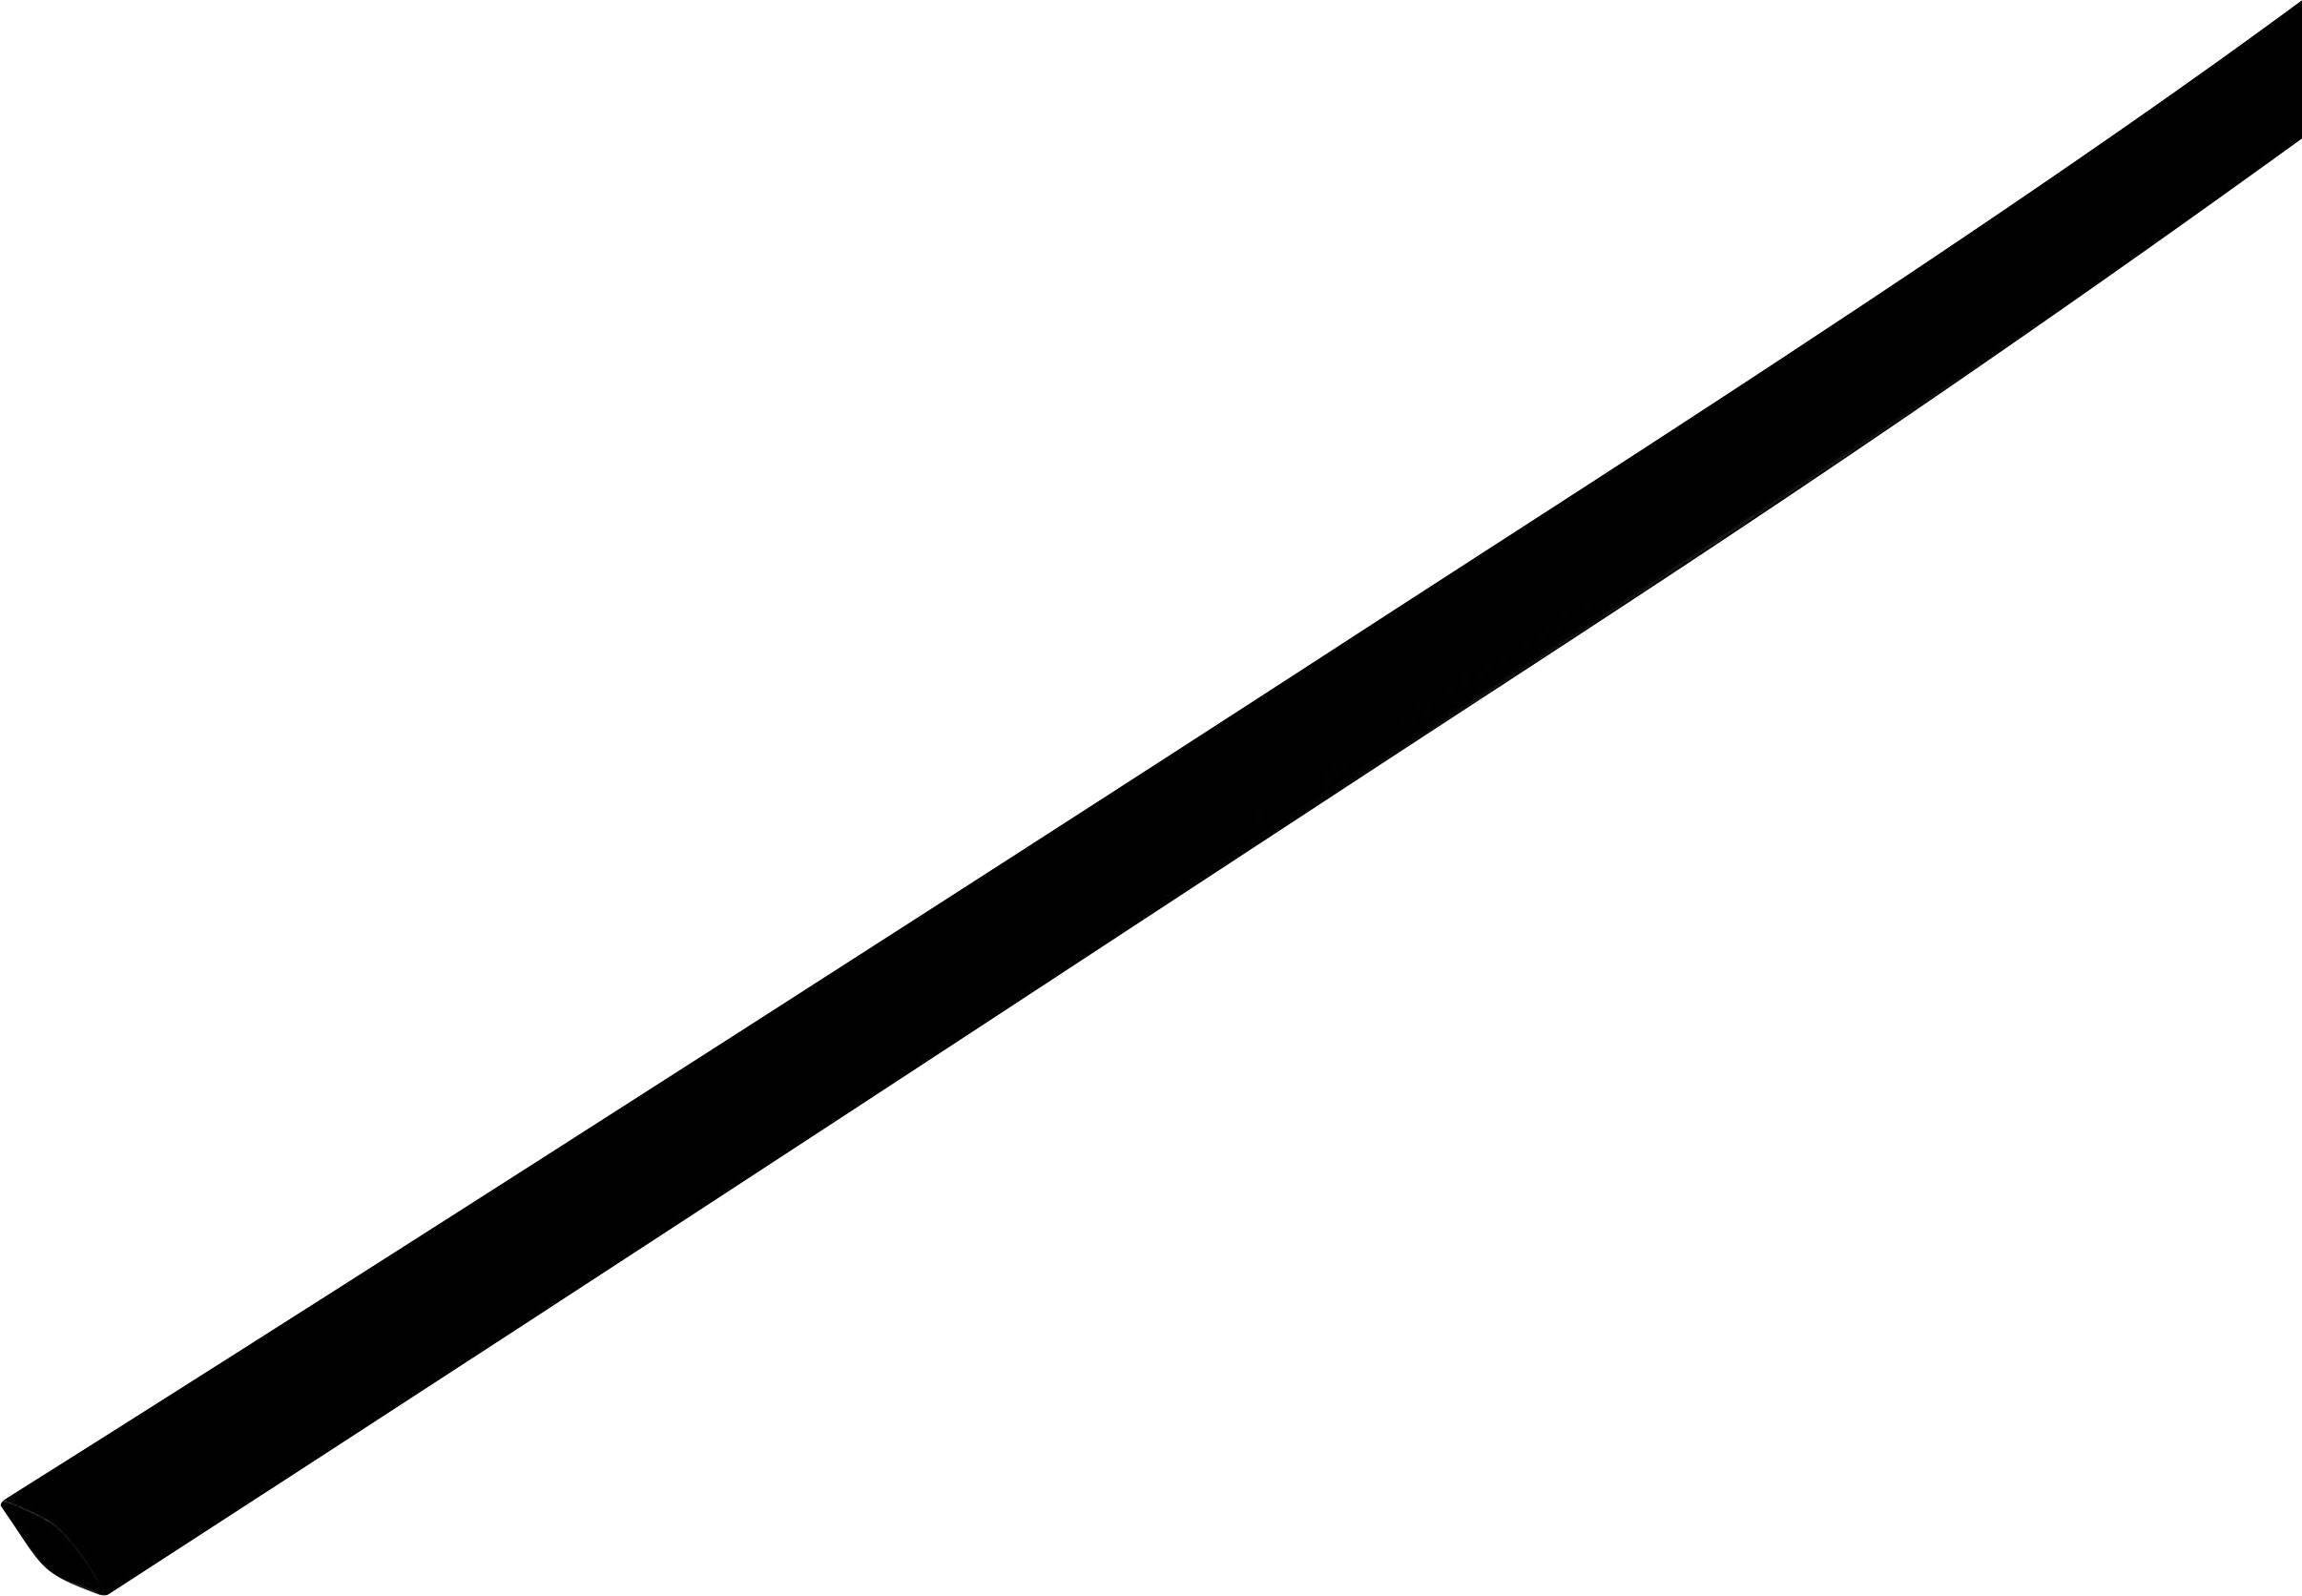 Smršťovací bužírka nelepicí 1225475 2:1, -55 až +125 °C, 8.60 mm, černá, metrové zboží